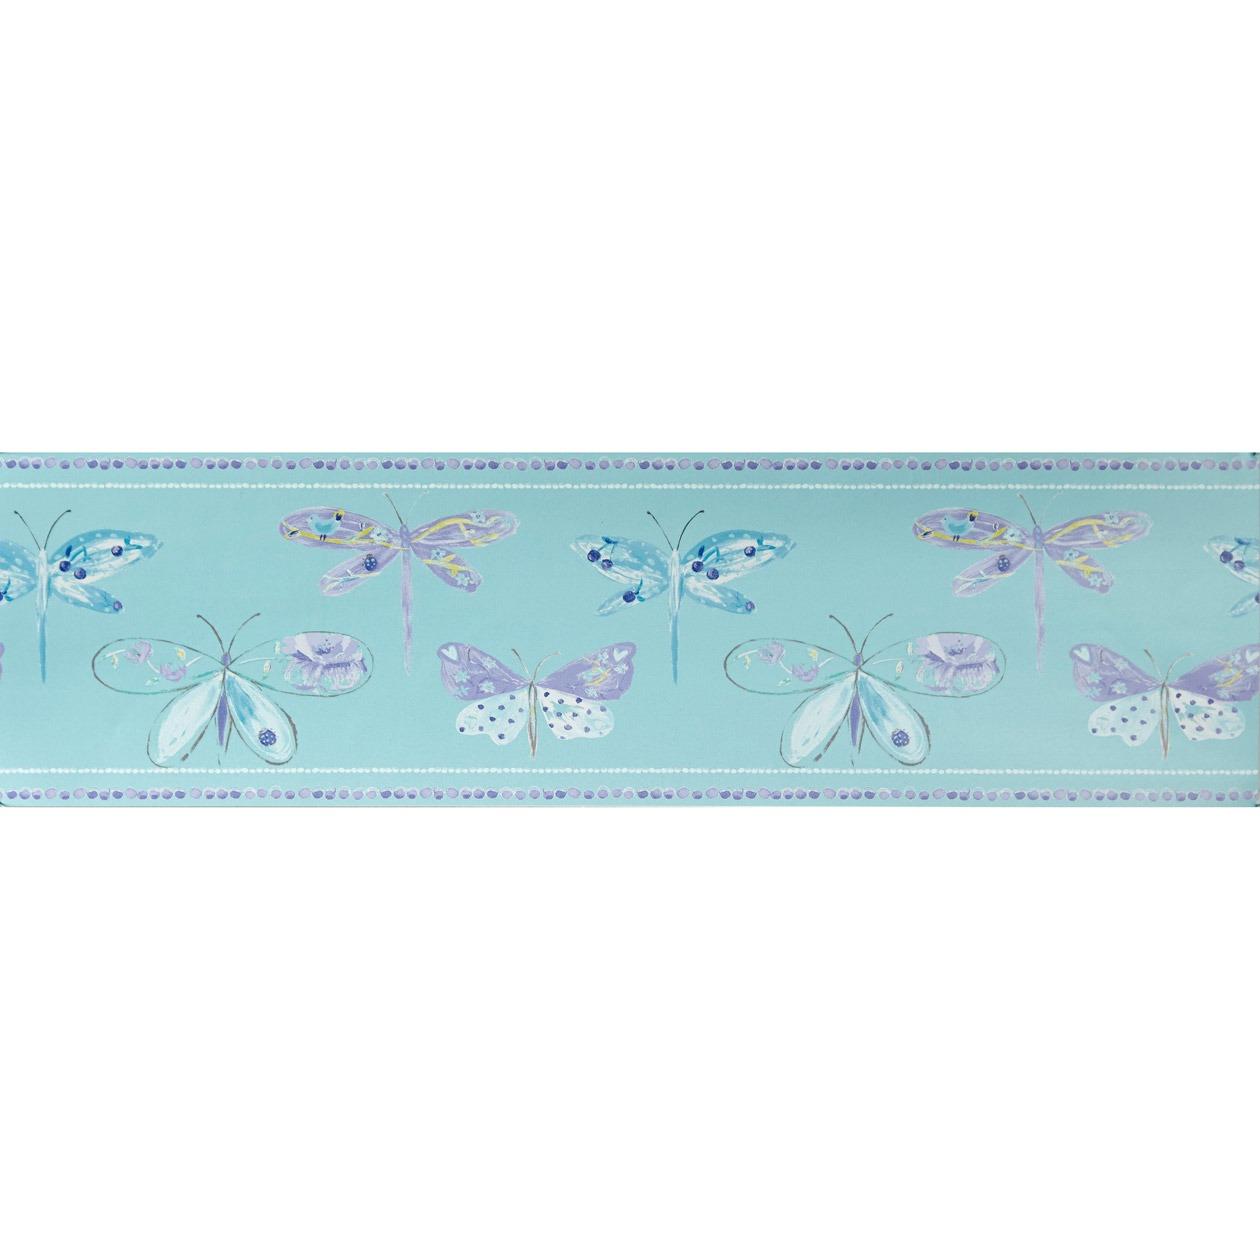 Frise Libellule bleue - Papier peint Ohlala de Casélio